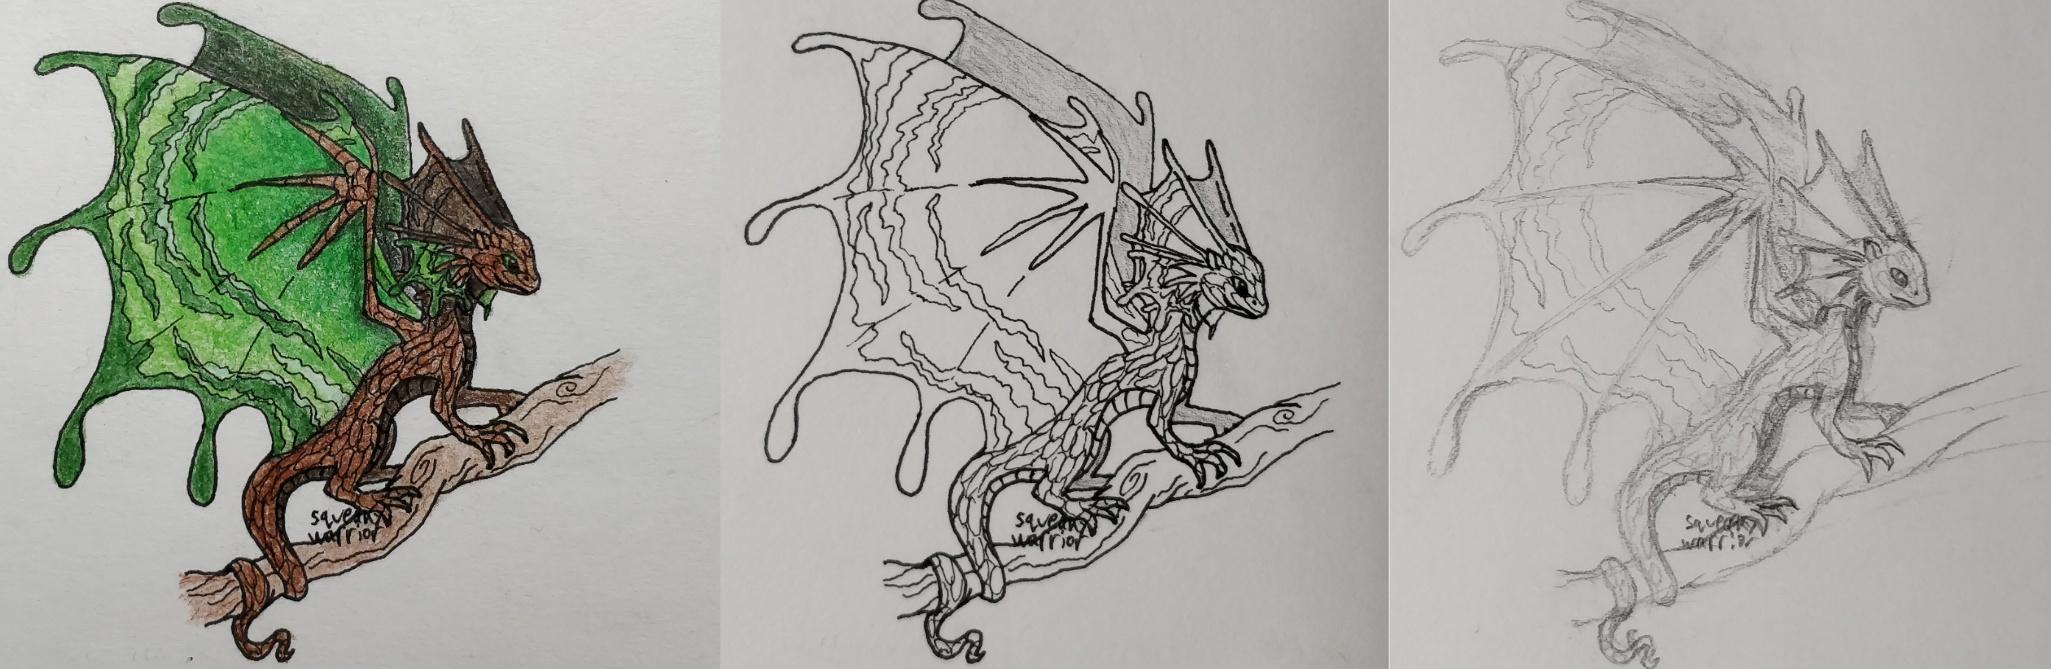 sketch-1587252696963.jpg